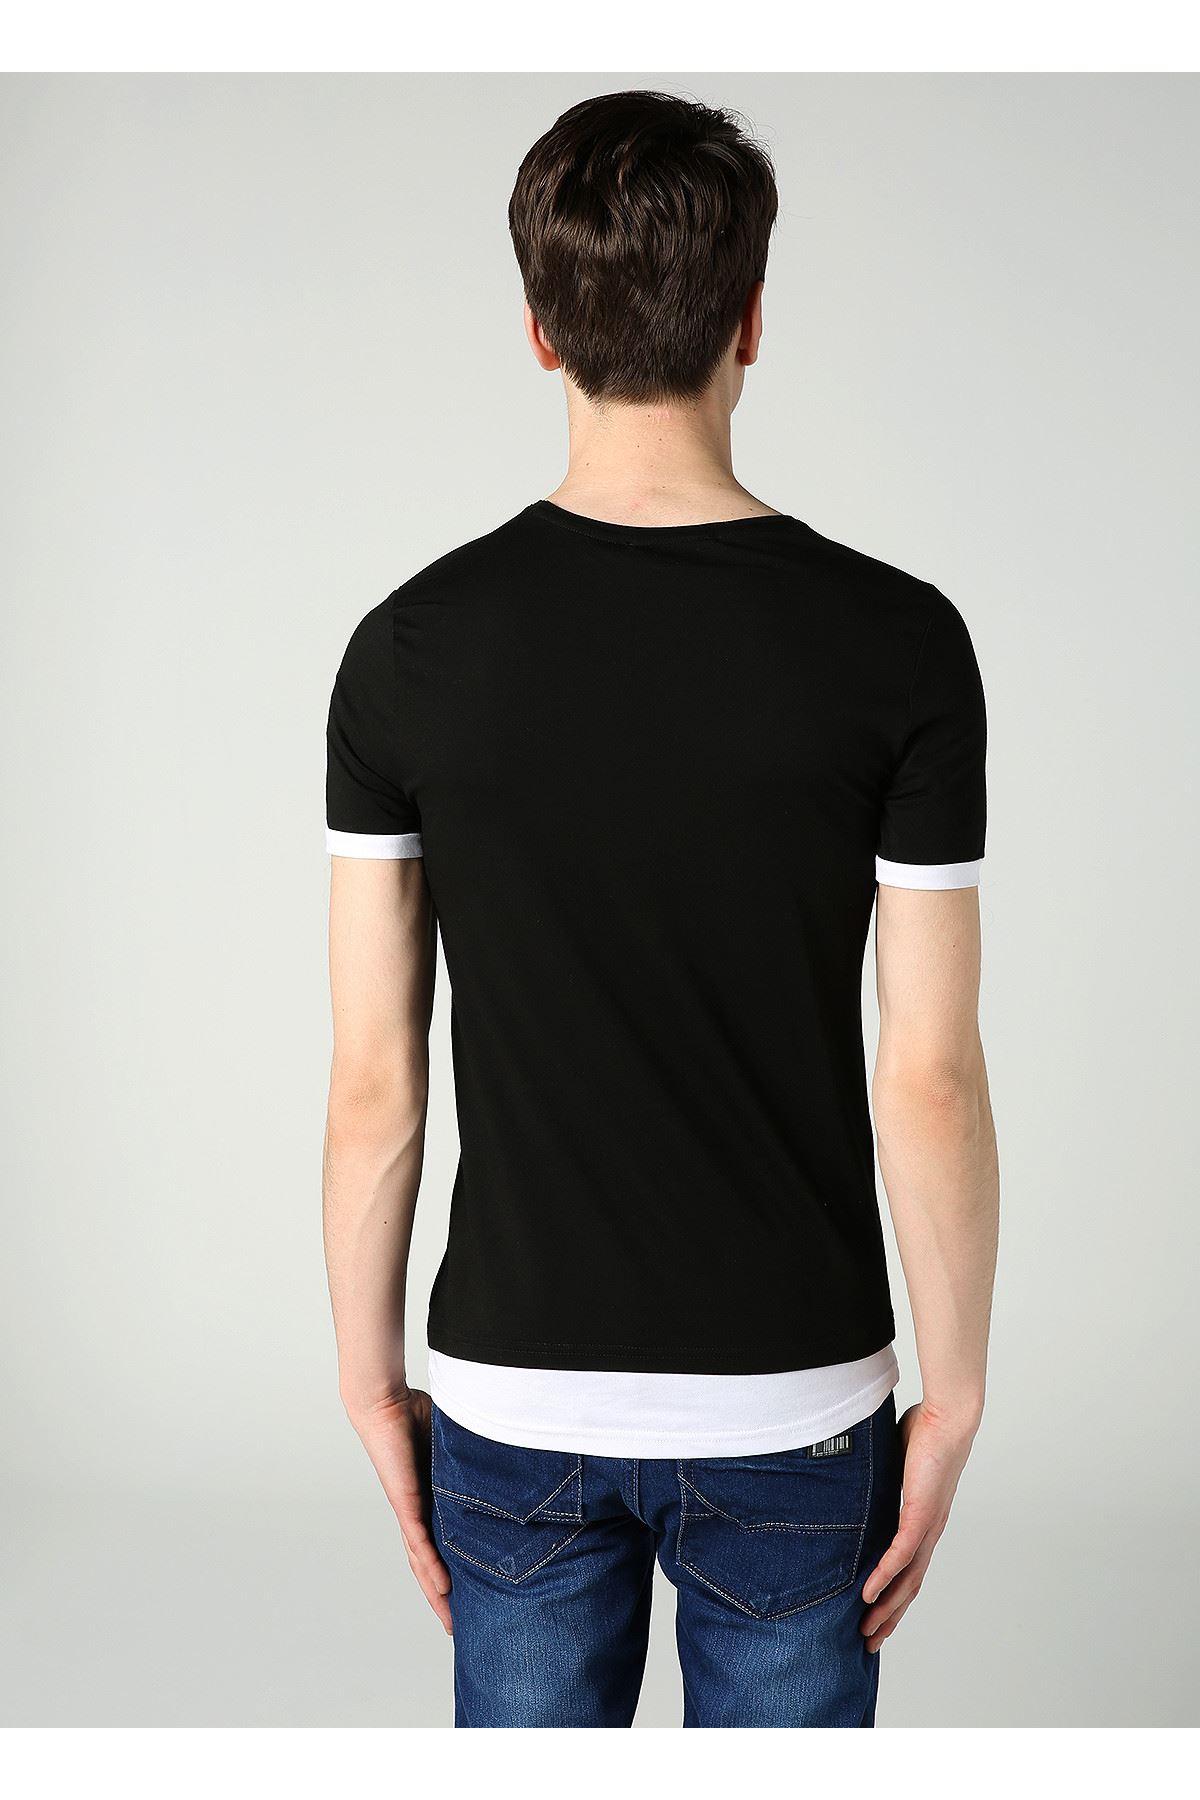 Bisiklet Yaka Kuru Kafa Baskılı Erkek Siyah T-Shirt